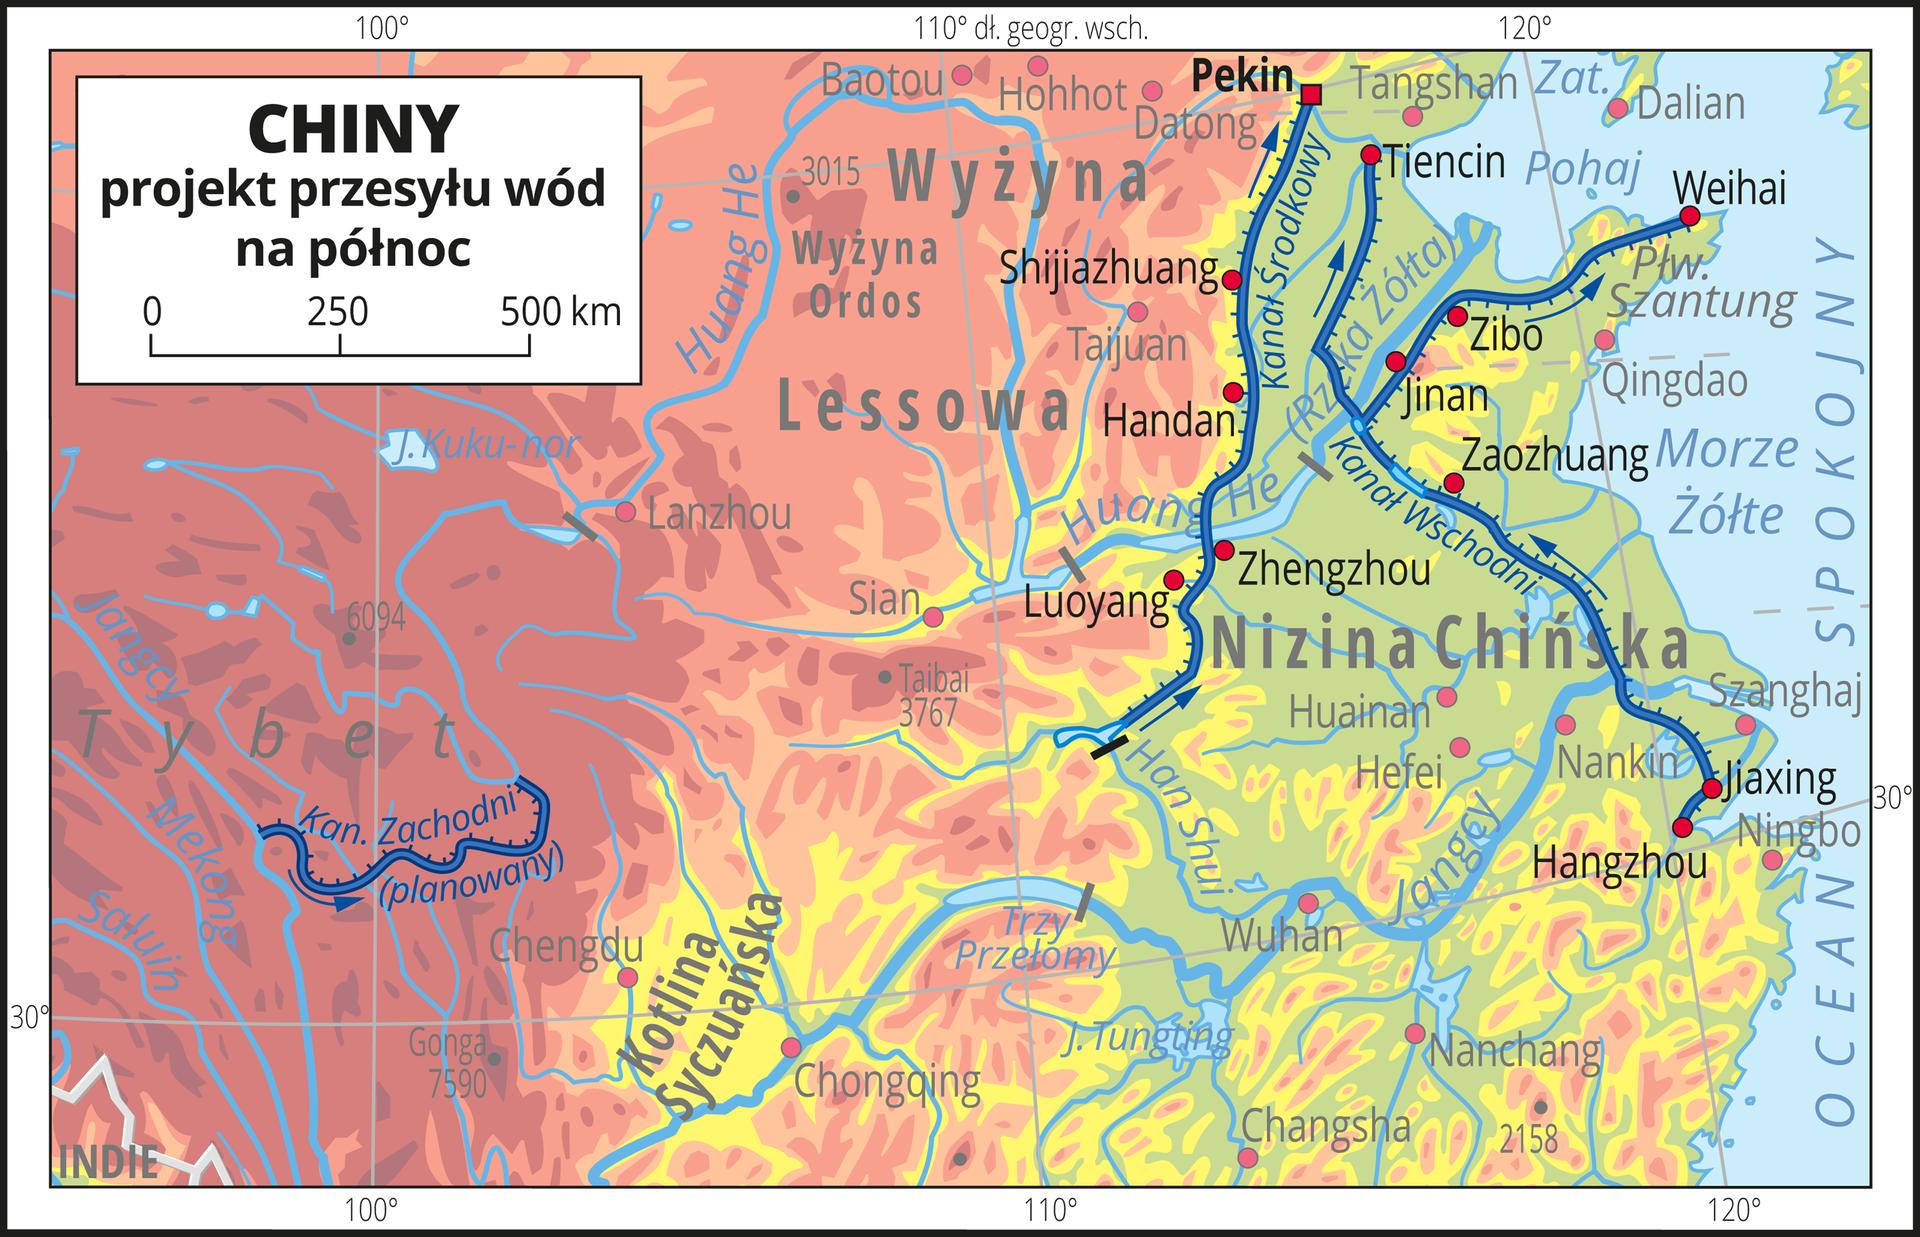 Ilustracja przedstawia fragment obszaru Chin zsystemem kanałów umożliwiającym przesył wód na północ.Tłem ilustracji jest rozjaśniona mapa hipsometryczna, na której mocniej zaznaczono trzy kanały prowadzące wodę zrzek znajdujących się na południu do rzek płynących na północy. Kanały mają po kilkaset, anawet ponad tysiąc kilometrów. Przy kanałach oznaczono strzałkami kierunek przesyłu wód.Mapa pokryta jest równoleżnikami ipołudnikami. Dookoła mapy wbiałej ramce opisano współrzędne geograficzne co dziesięć stopni.